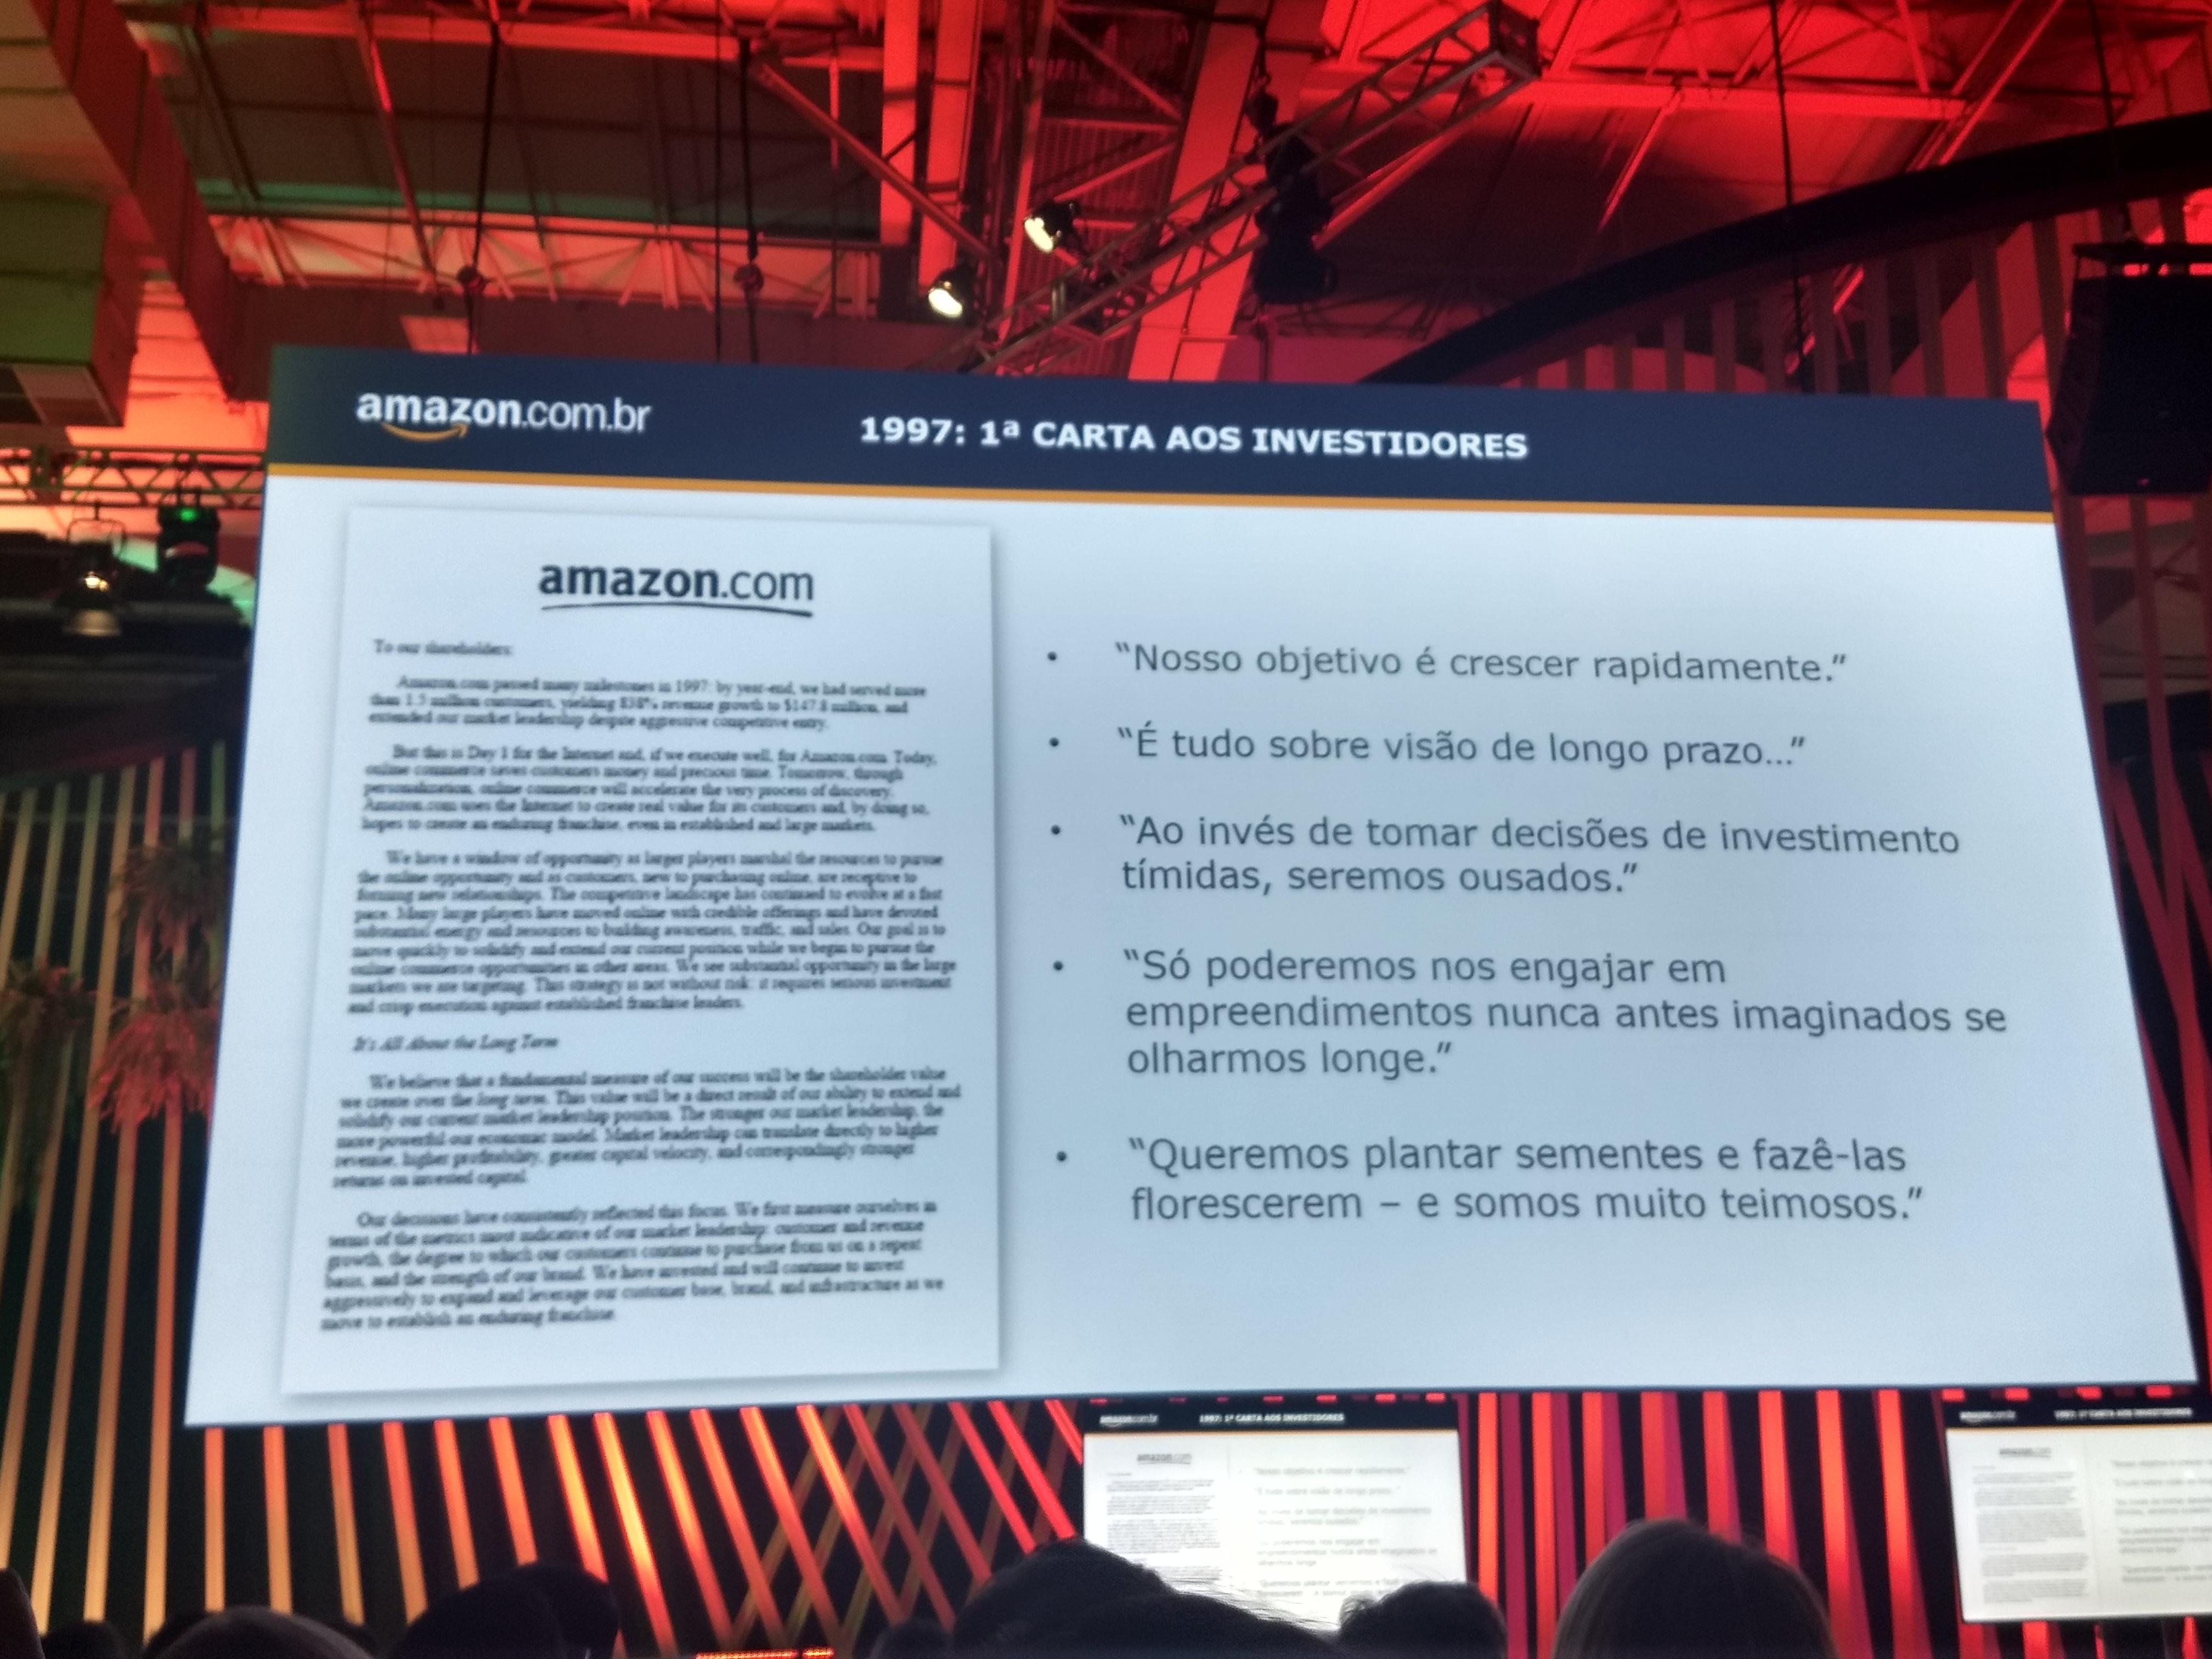 Foto da primeira carta para os investidores, escrita pelo CEO da Amazon.